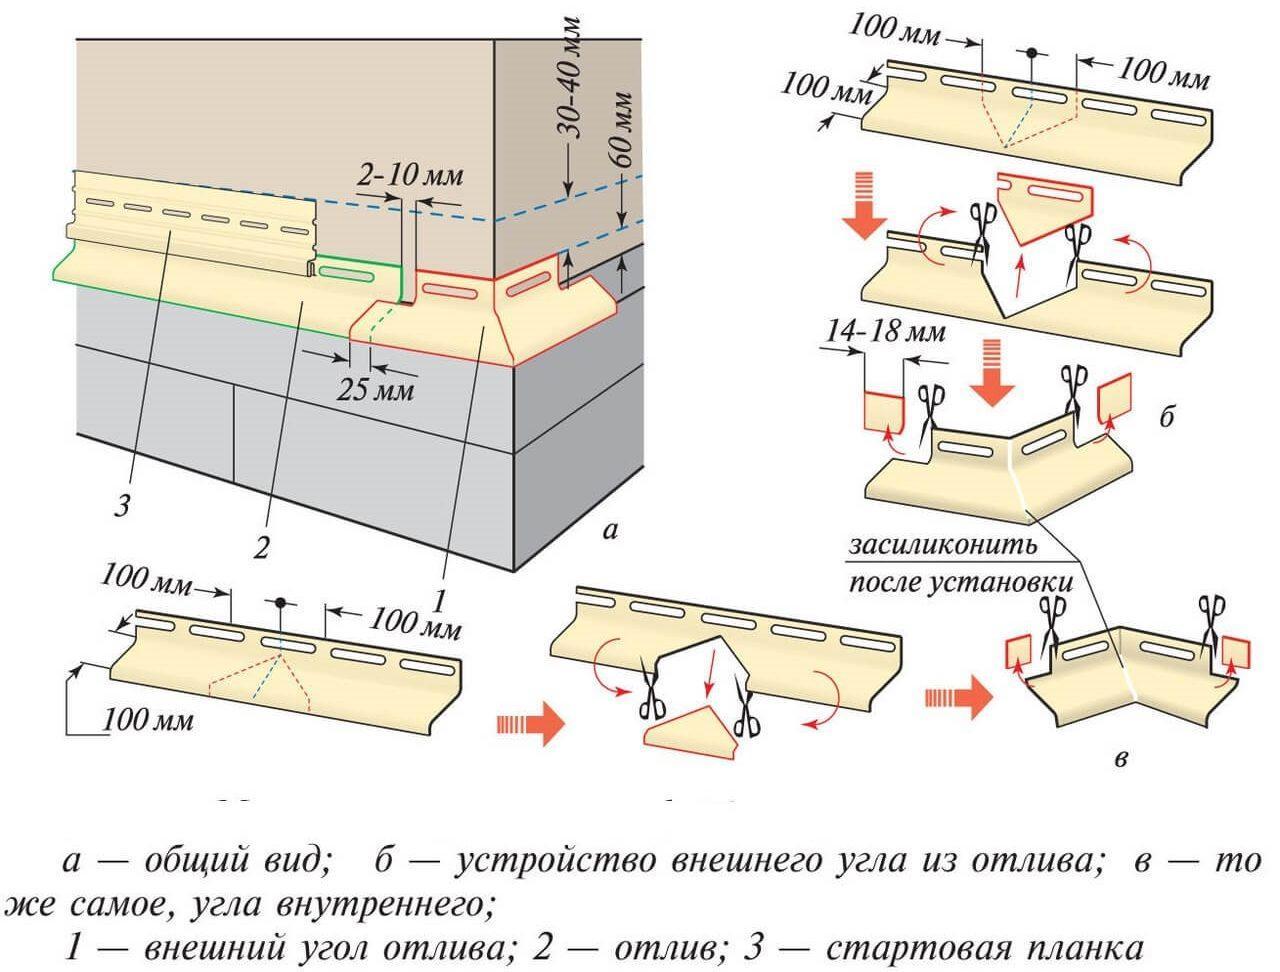 Схема устройства отлива